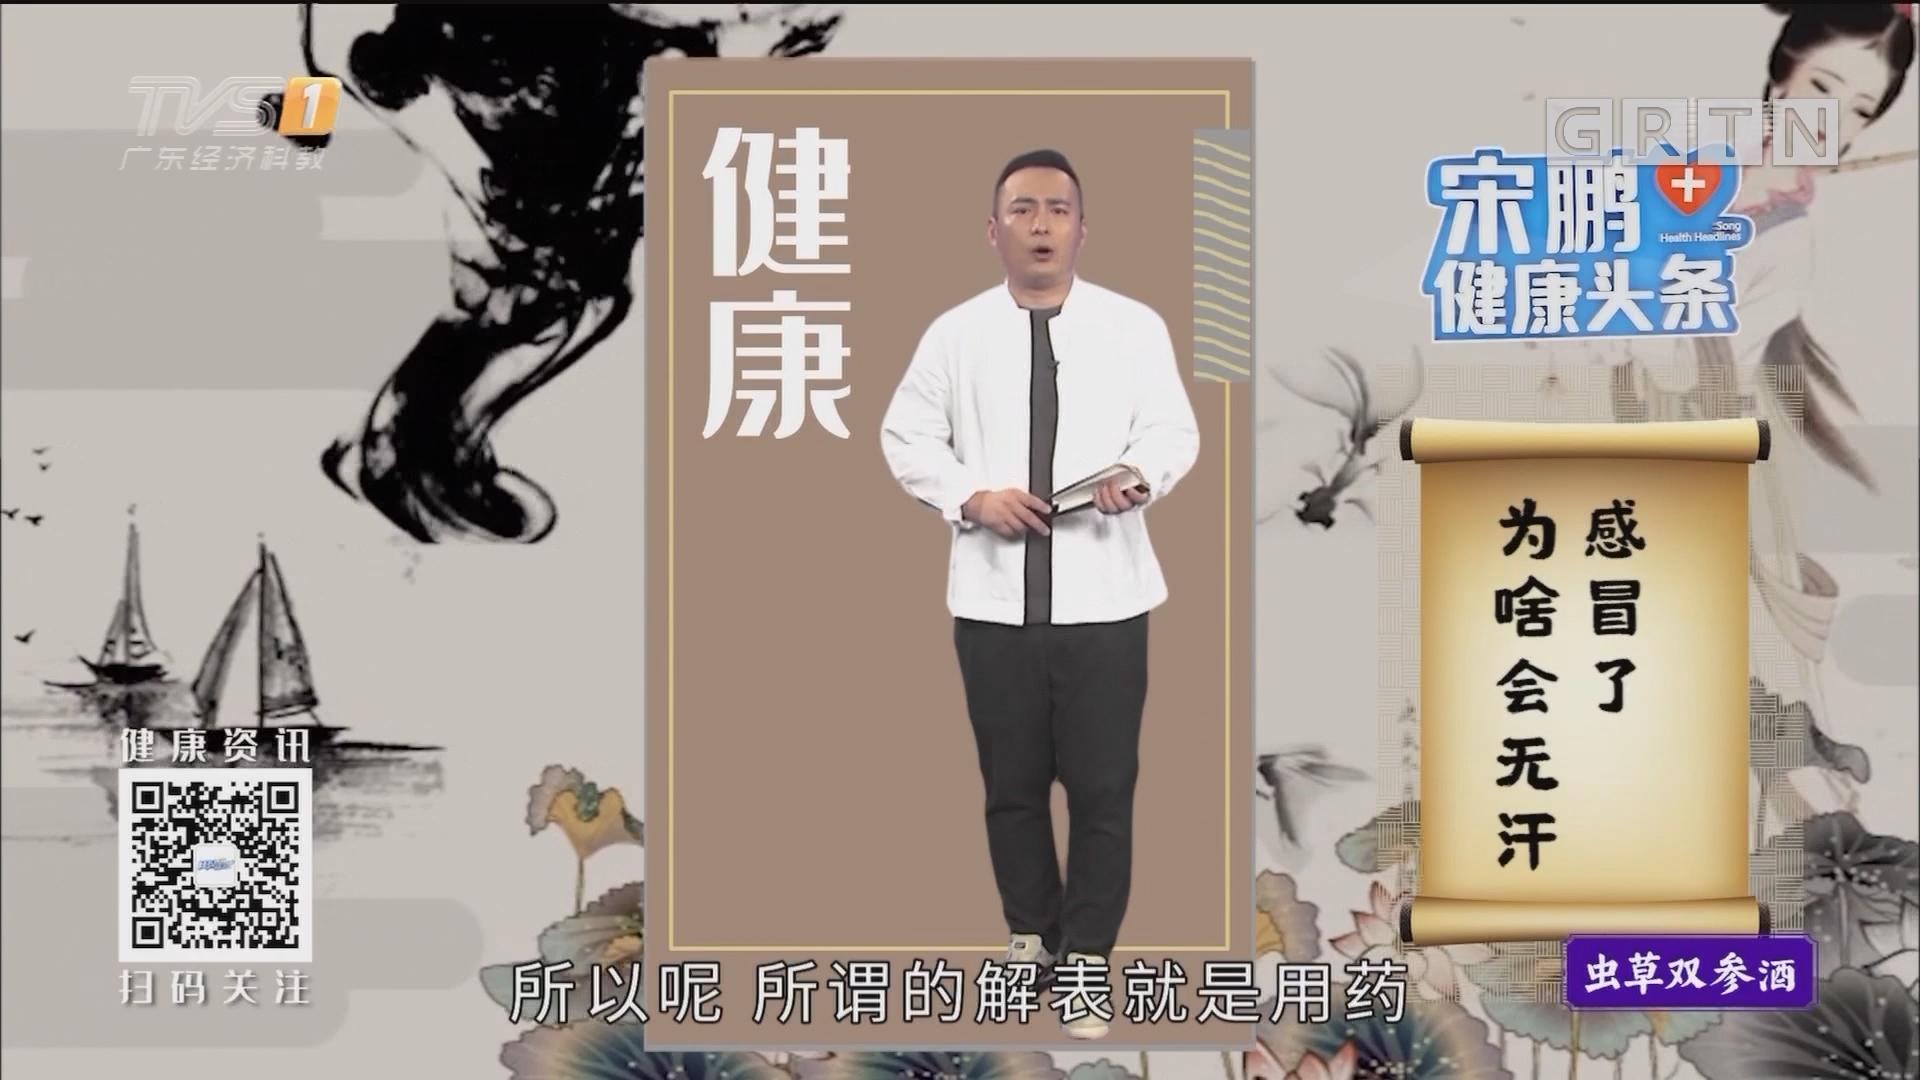 [HD][2019-09-18]经视健康+:宋鹏健康头条:感冒了为啥会无汗